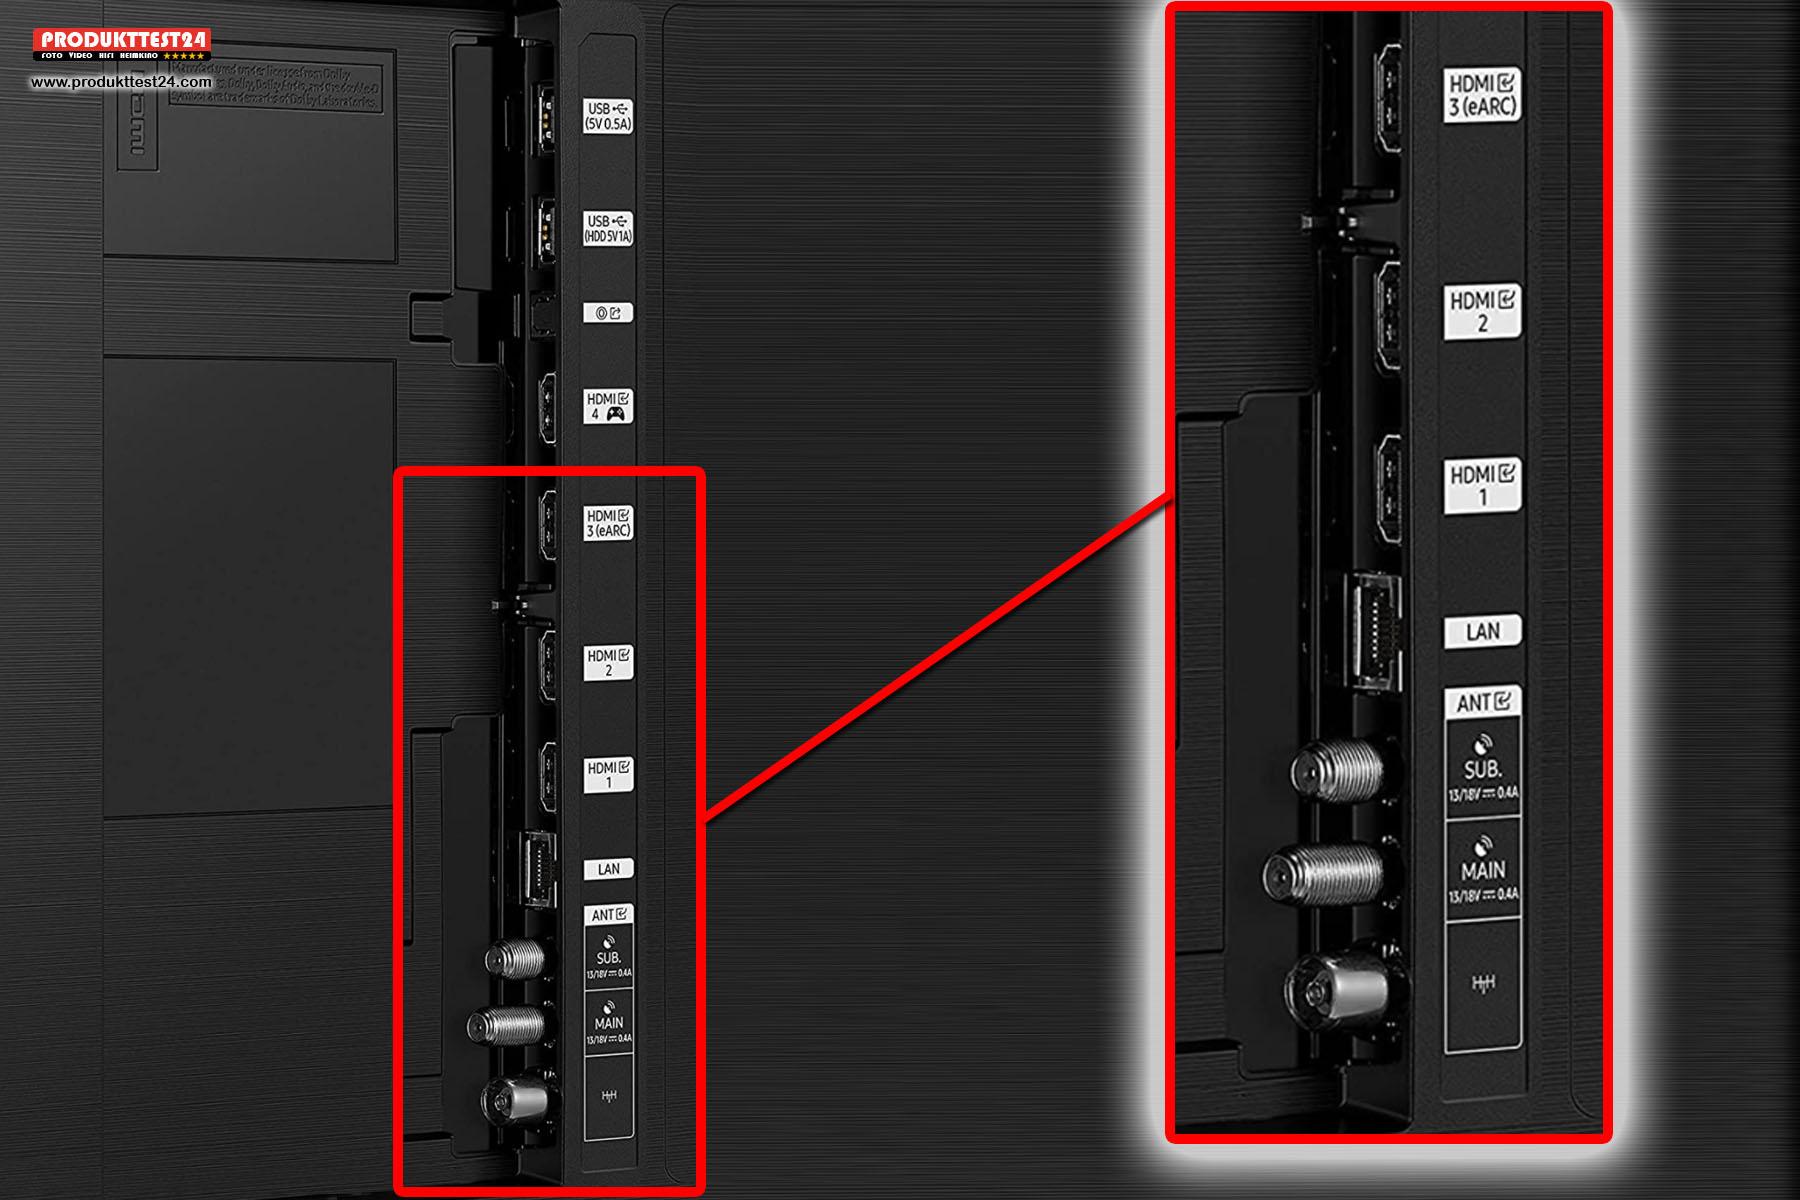 Alle 4 HDMI Eingänge unterstützen den neuen HDMI 2.1 Standard mit 4K bei 120 FPS